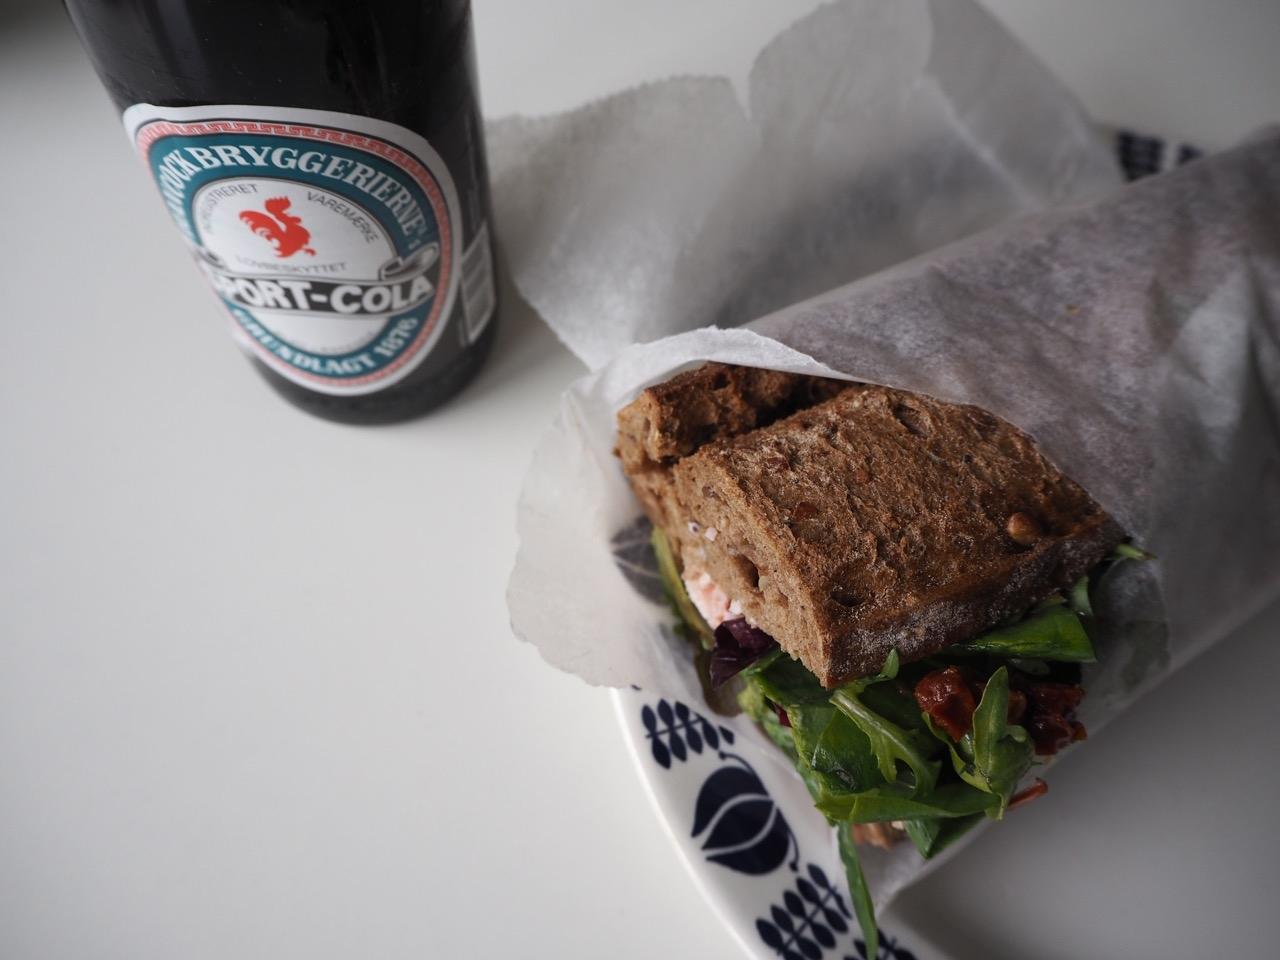 Hjemmelavet_sandwich_sportcola